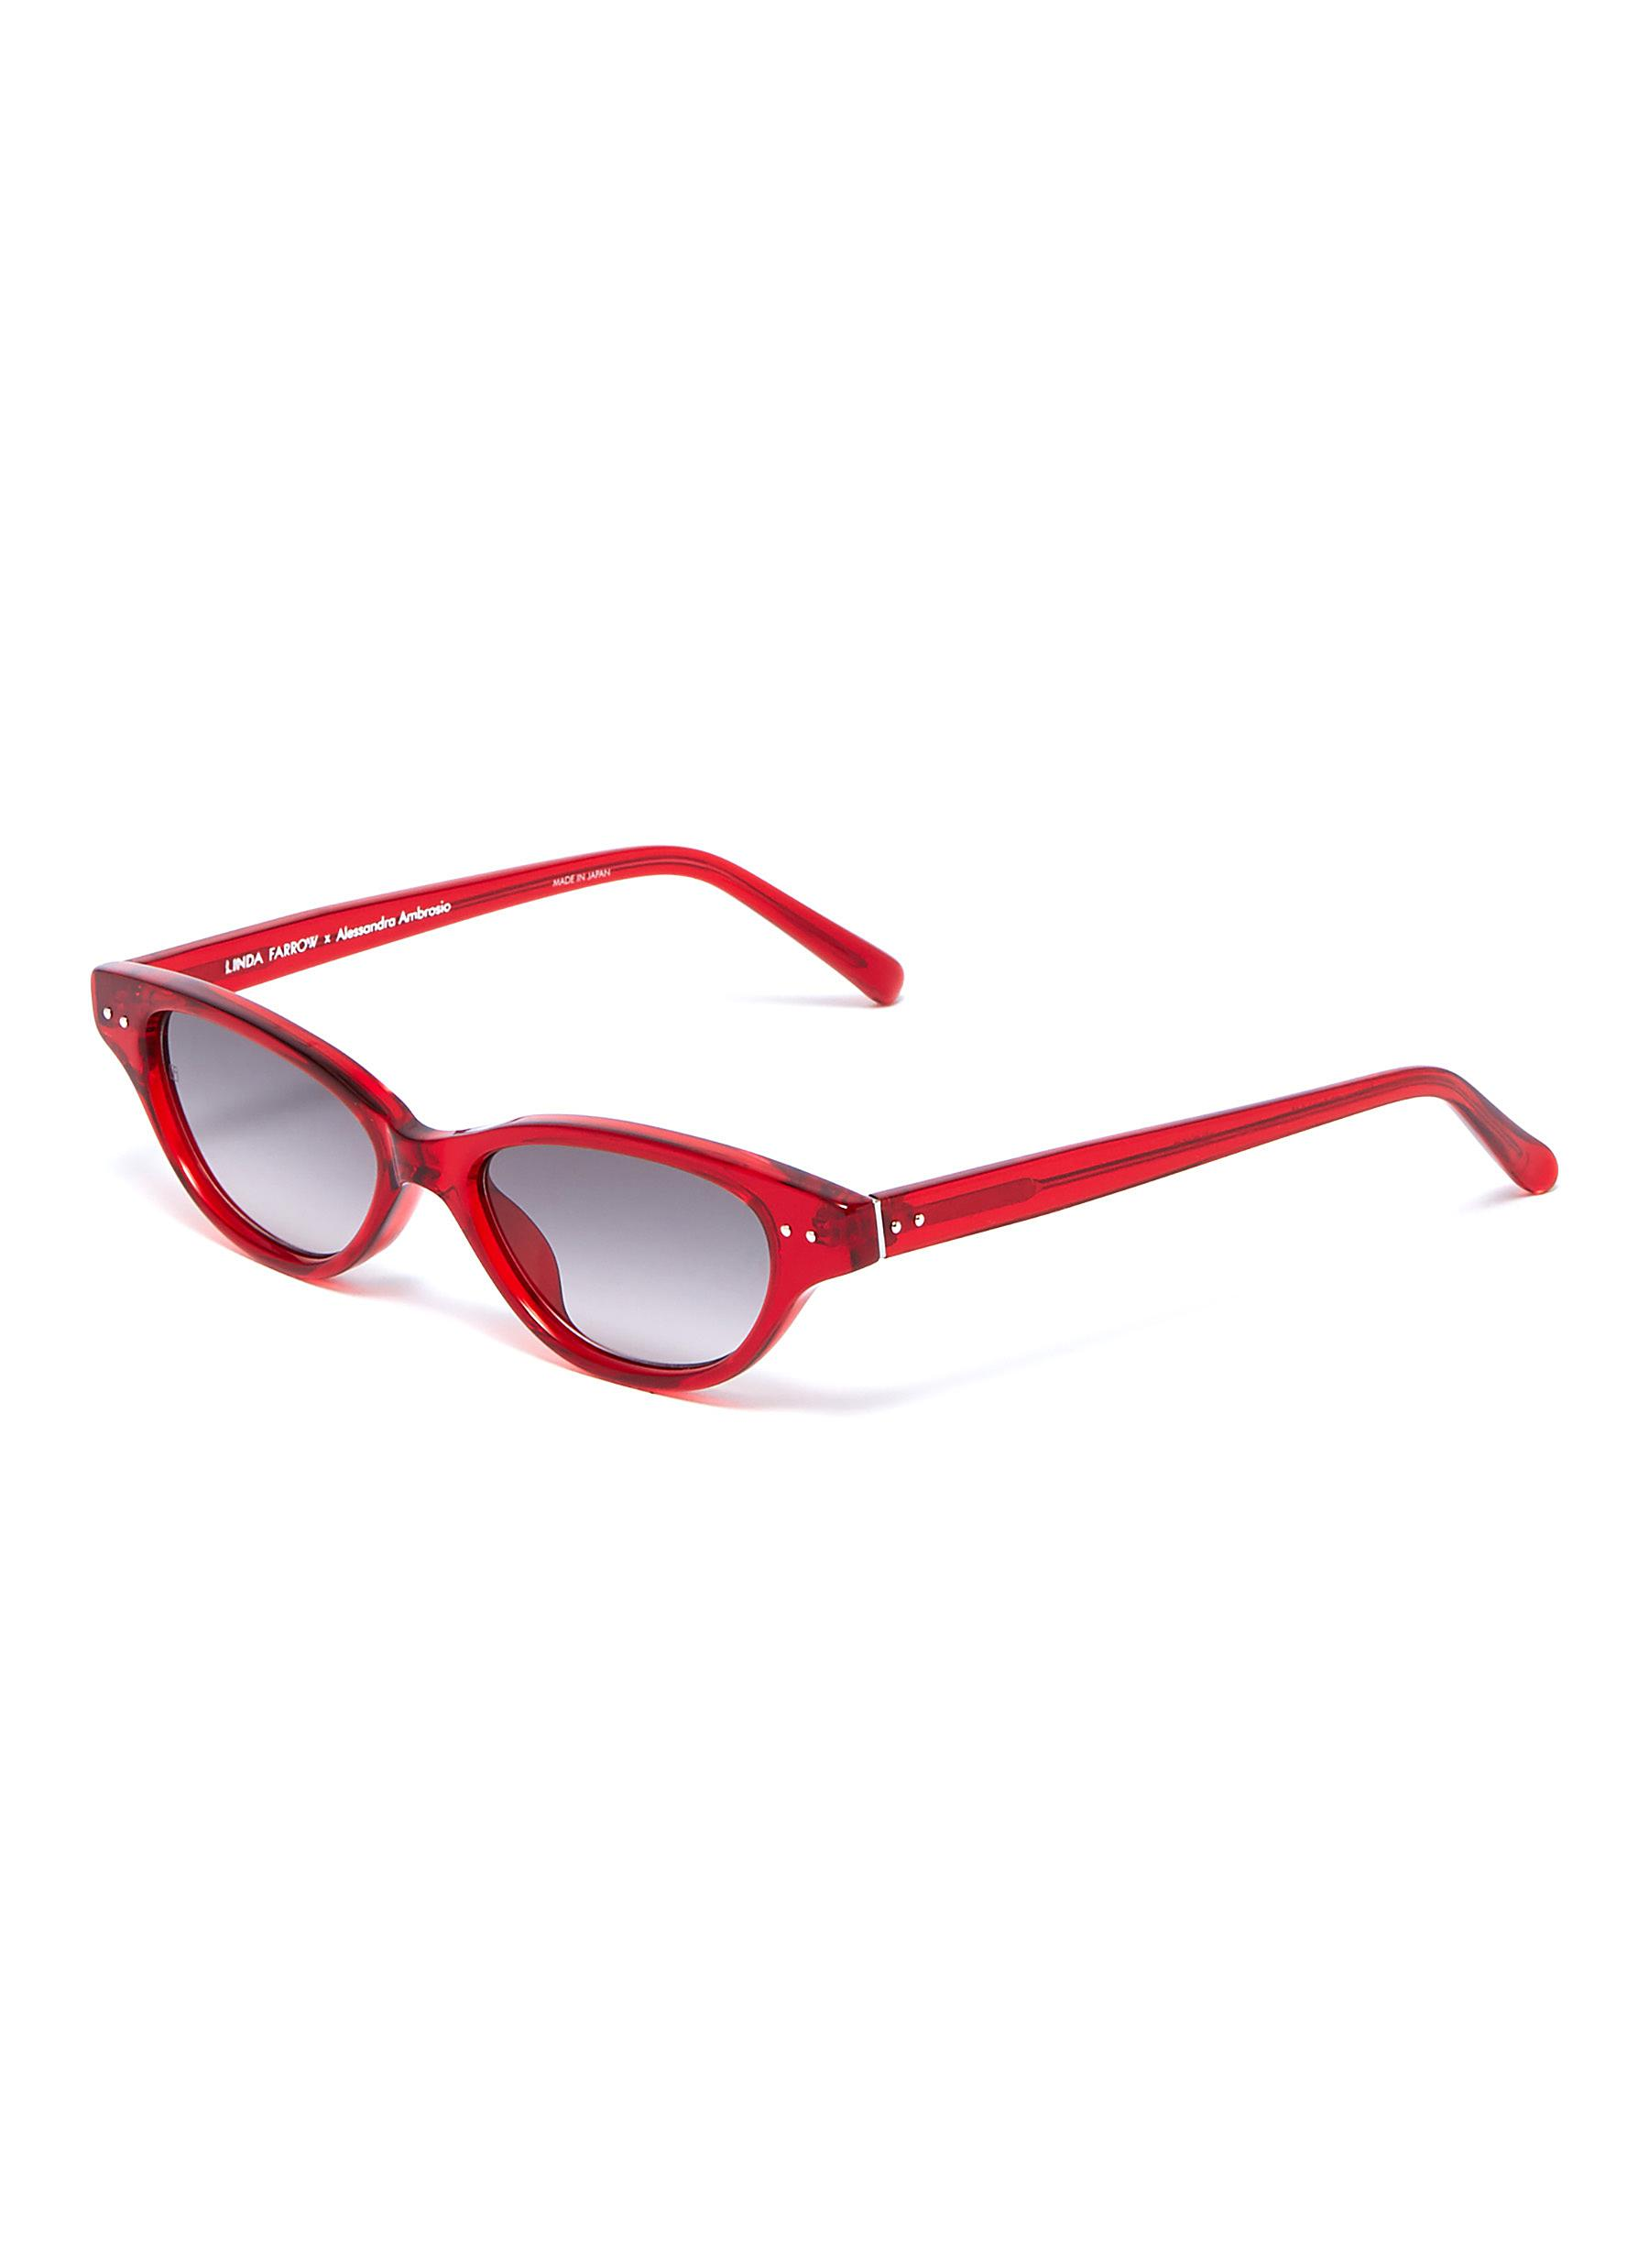 a146f481204 Linda Farrow. Acetate narrow cat eye sunglasses